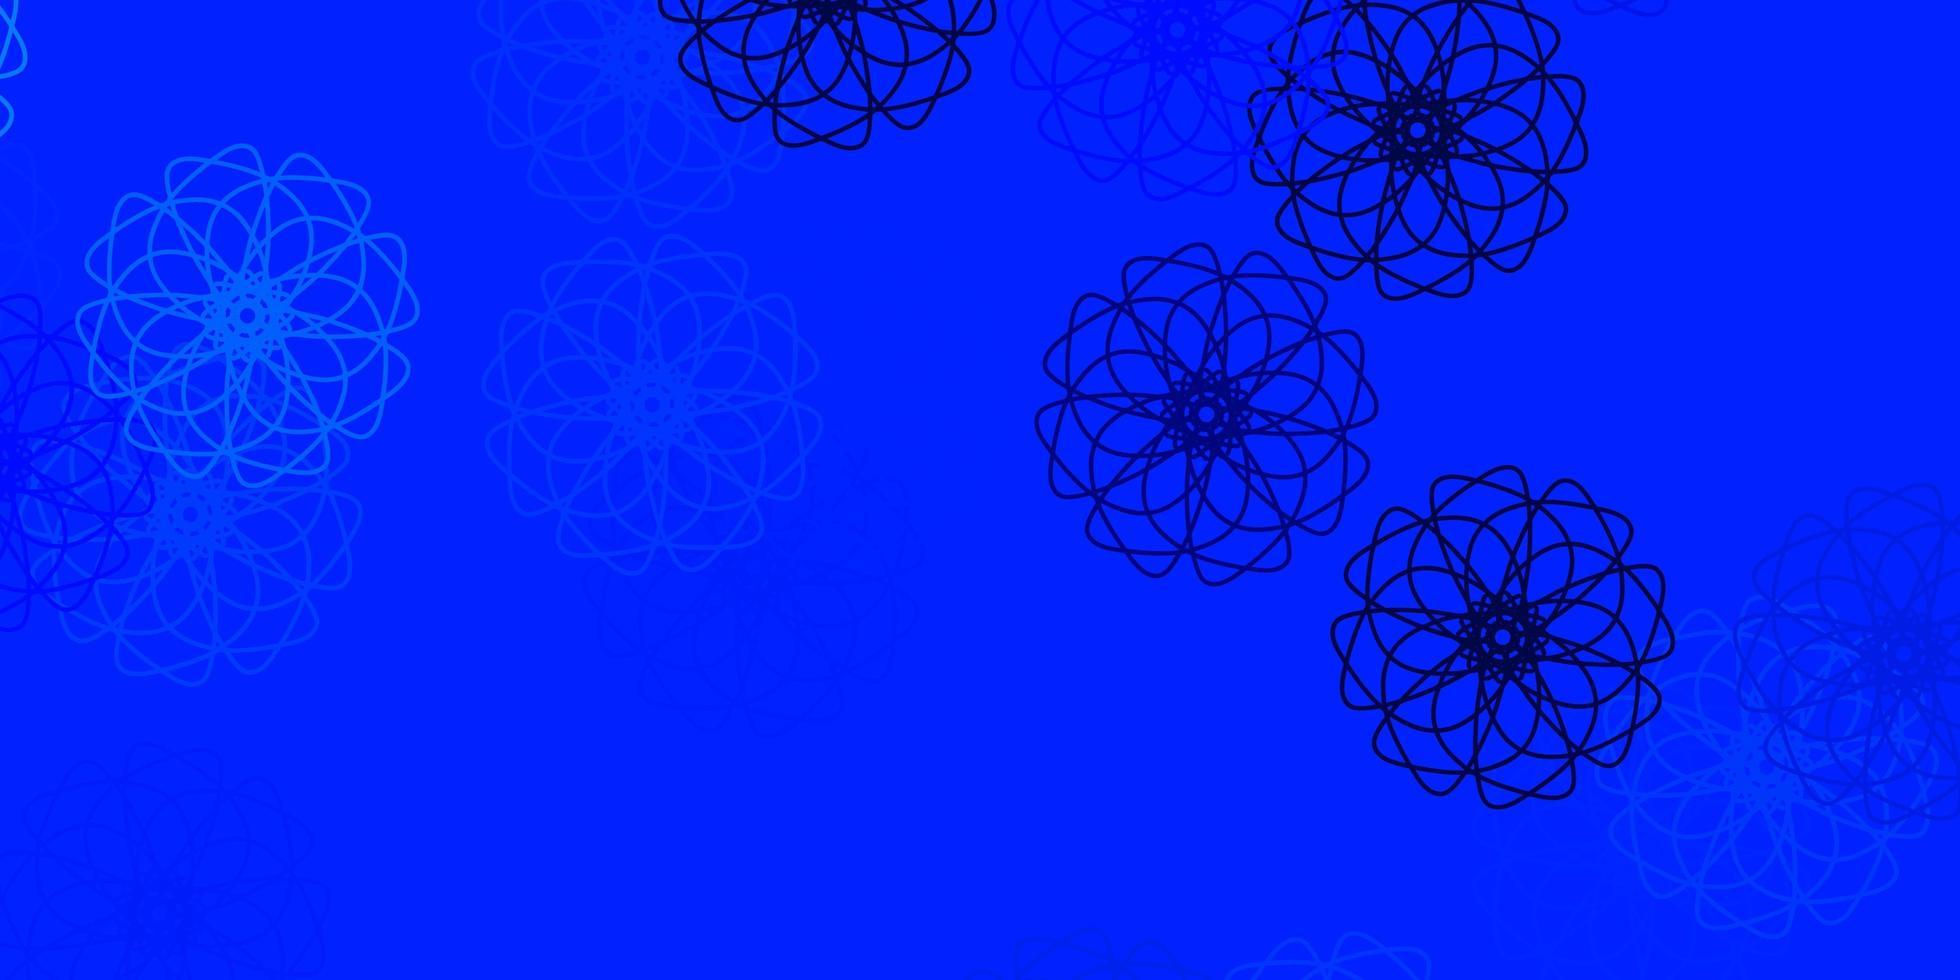 modelo de doodle de vetor azul claro com flores.